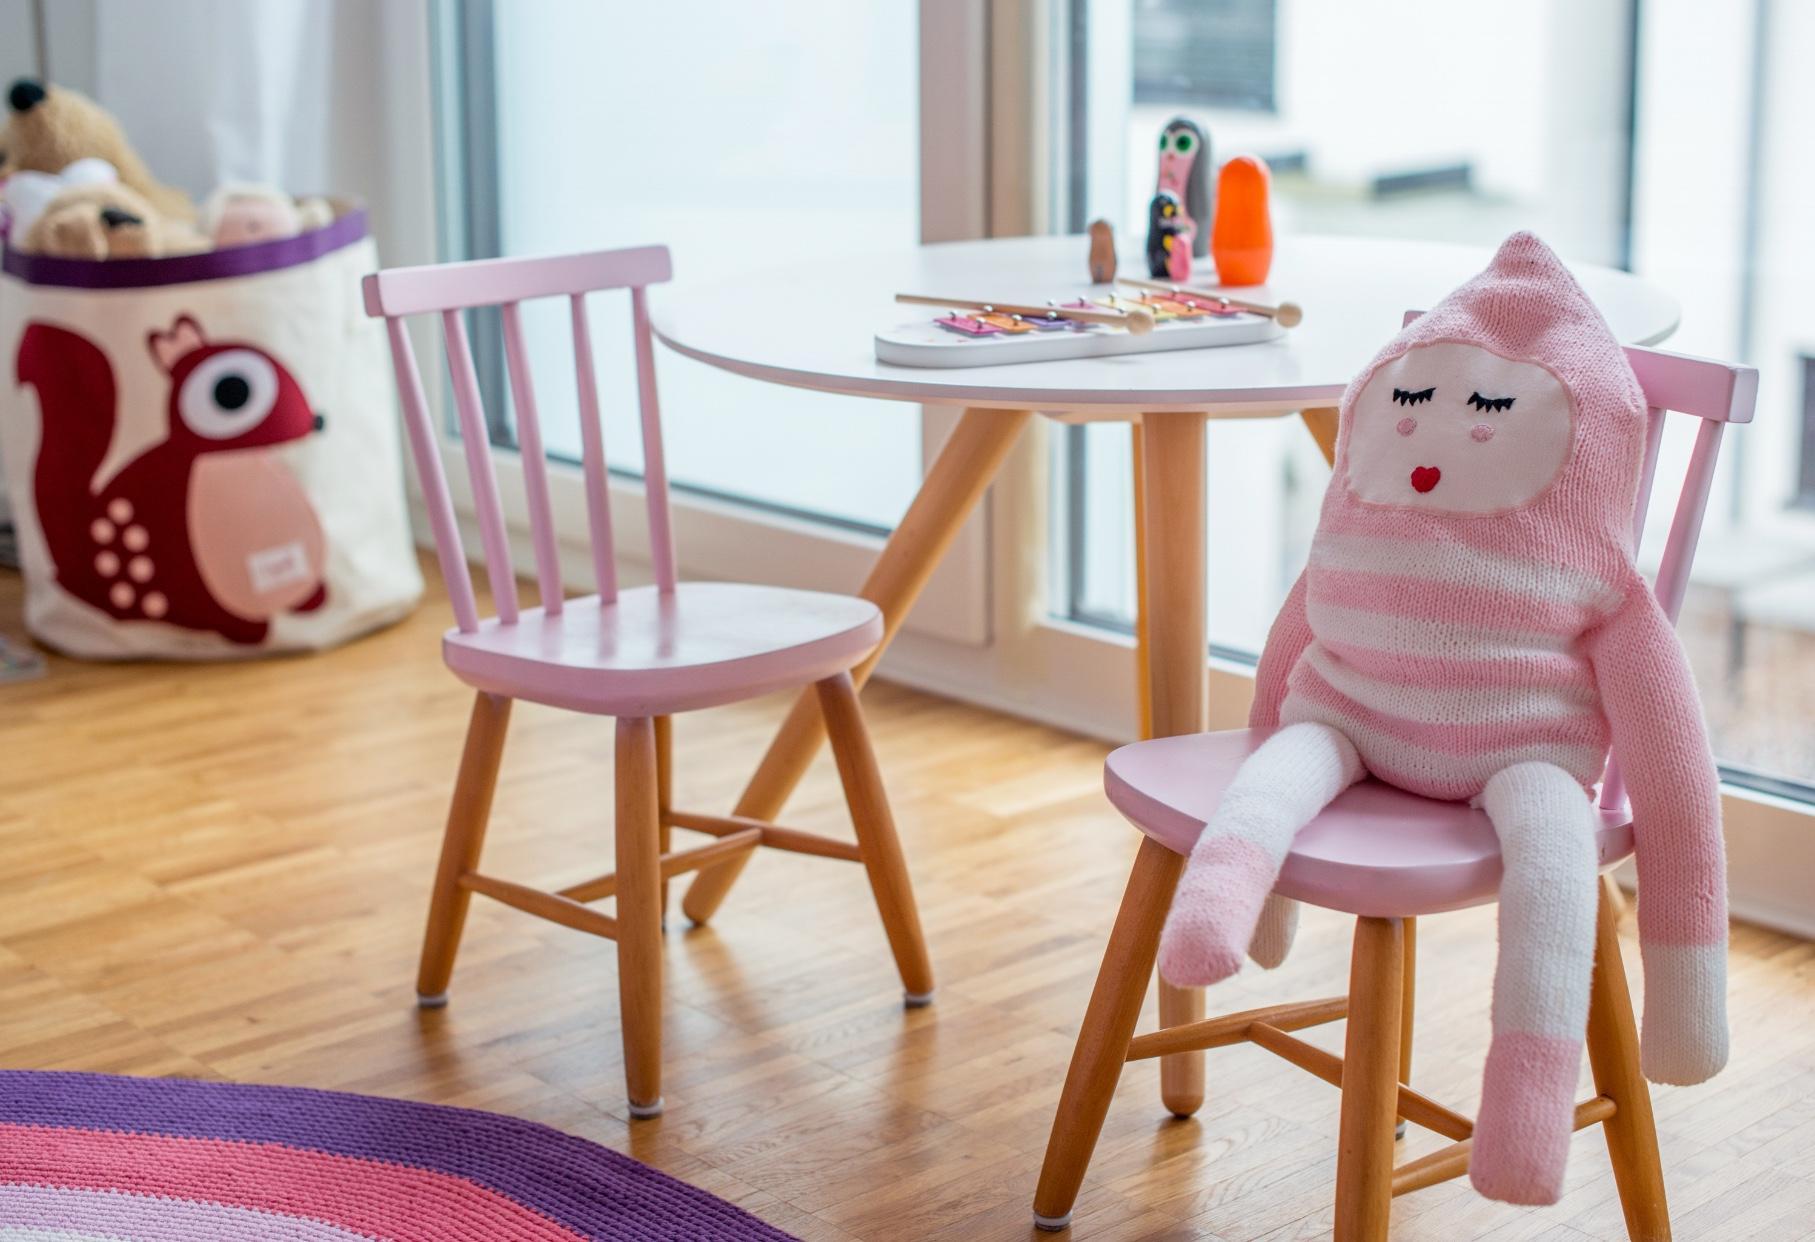 #Kinderzimmer #diy #scandi #Mädchenzimmer